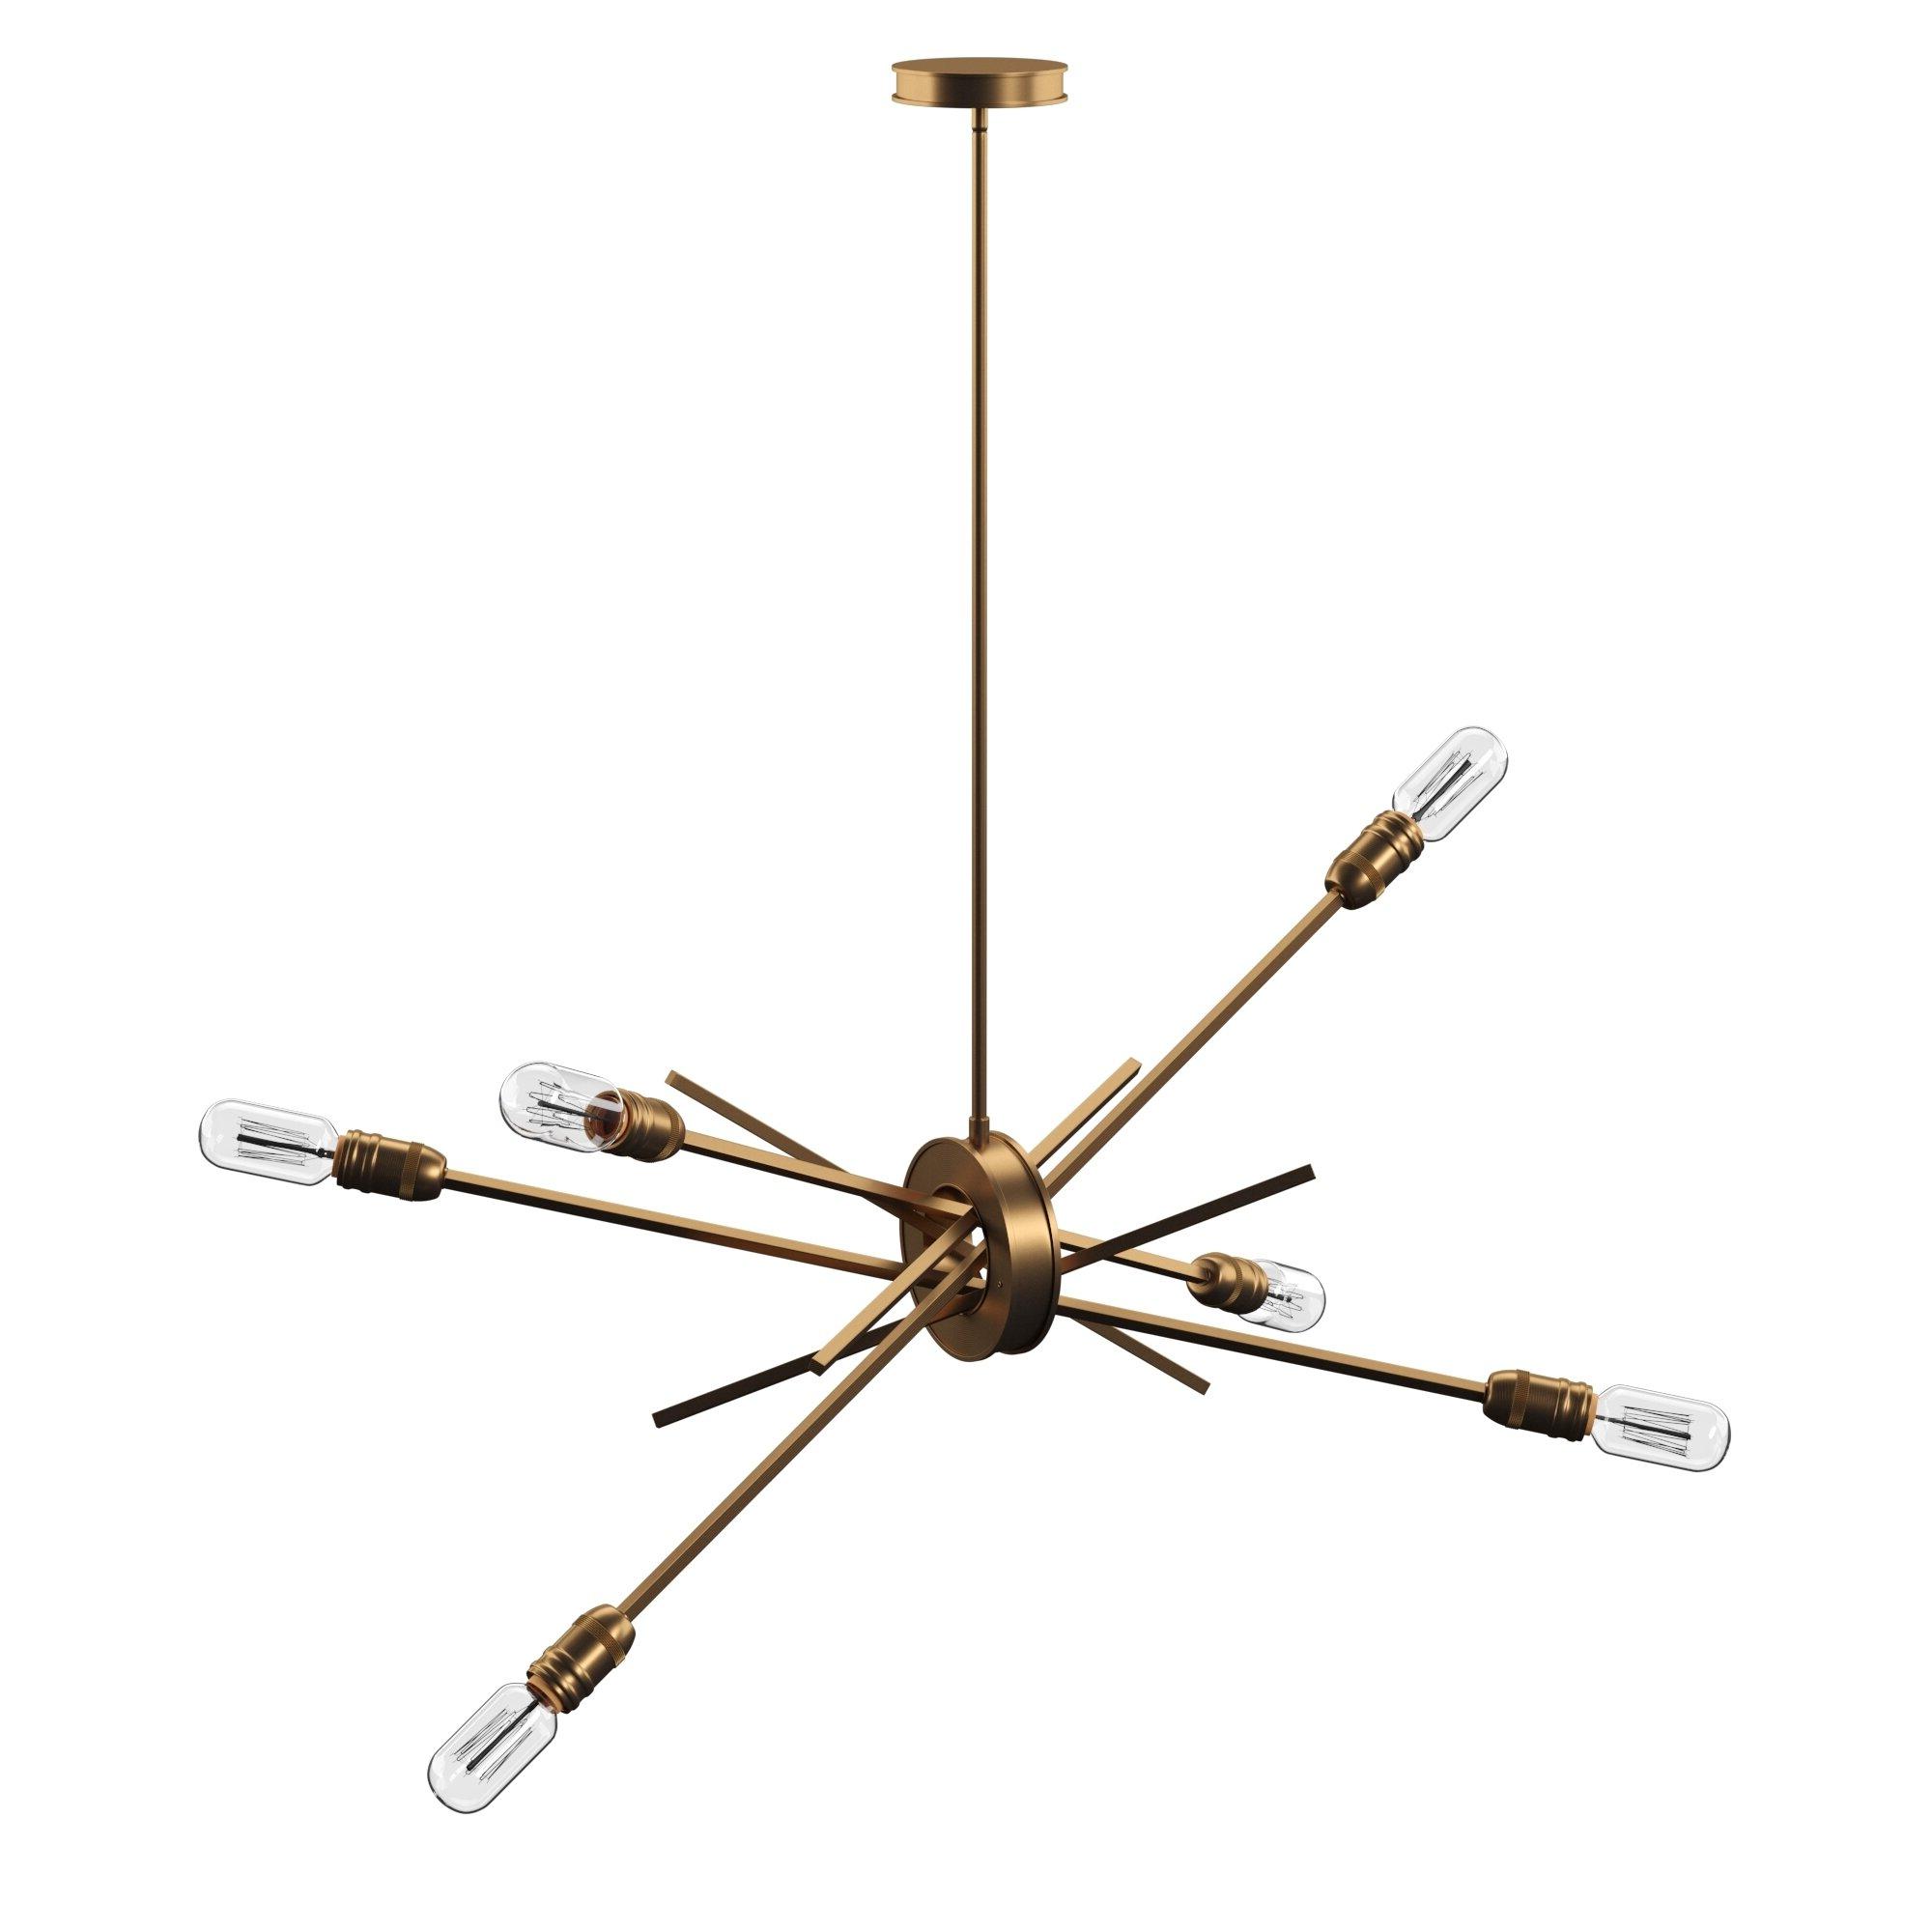 Byler 6 Light Sputnik Chandelier Throughout Widely Used Everett 10 Light Sputnik Chandeliers (View 8 of 25)